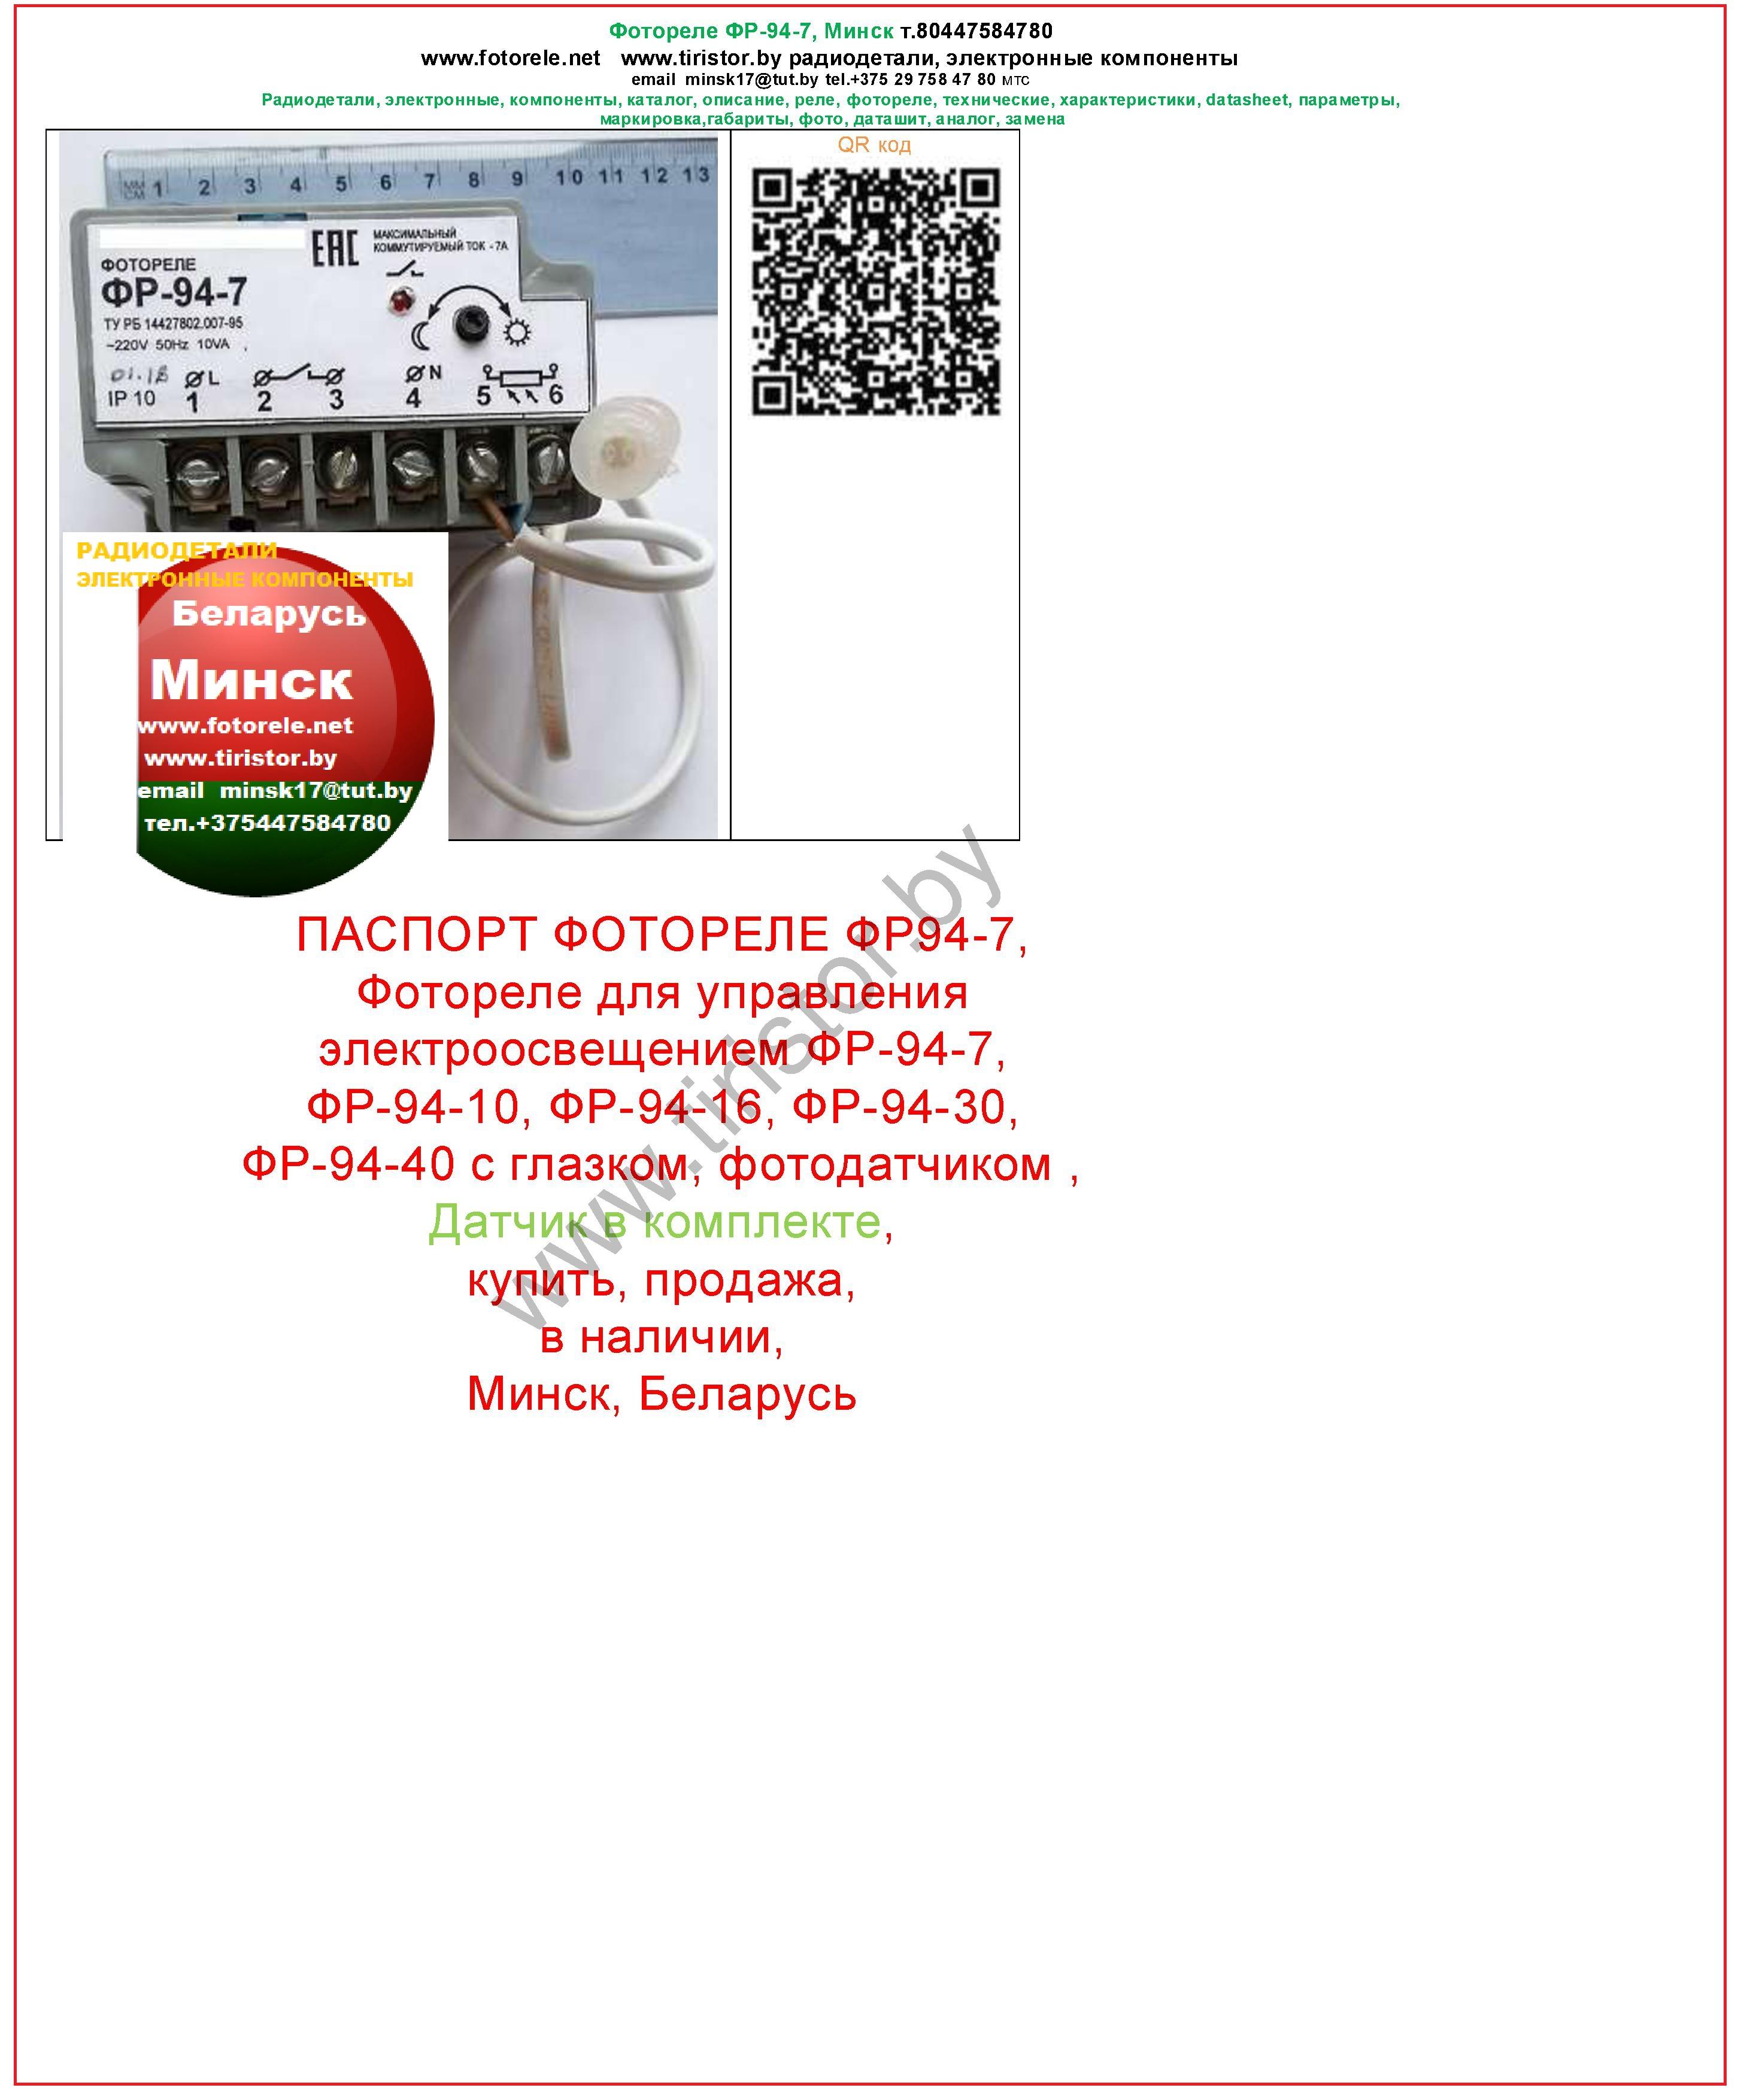 паспорт фотореле фр94-7, фотореле для управления электроосвещением фр-94-7,  фр-94-10, фр-94-16, фр-94-30,  фр-94-40 c глазком, фотодатчиком , датчик в комплекте, купить, продажа,  в наличии, минск, беларусь